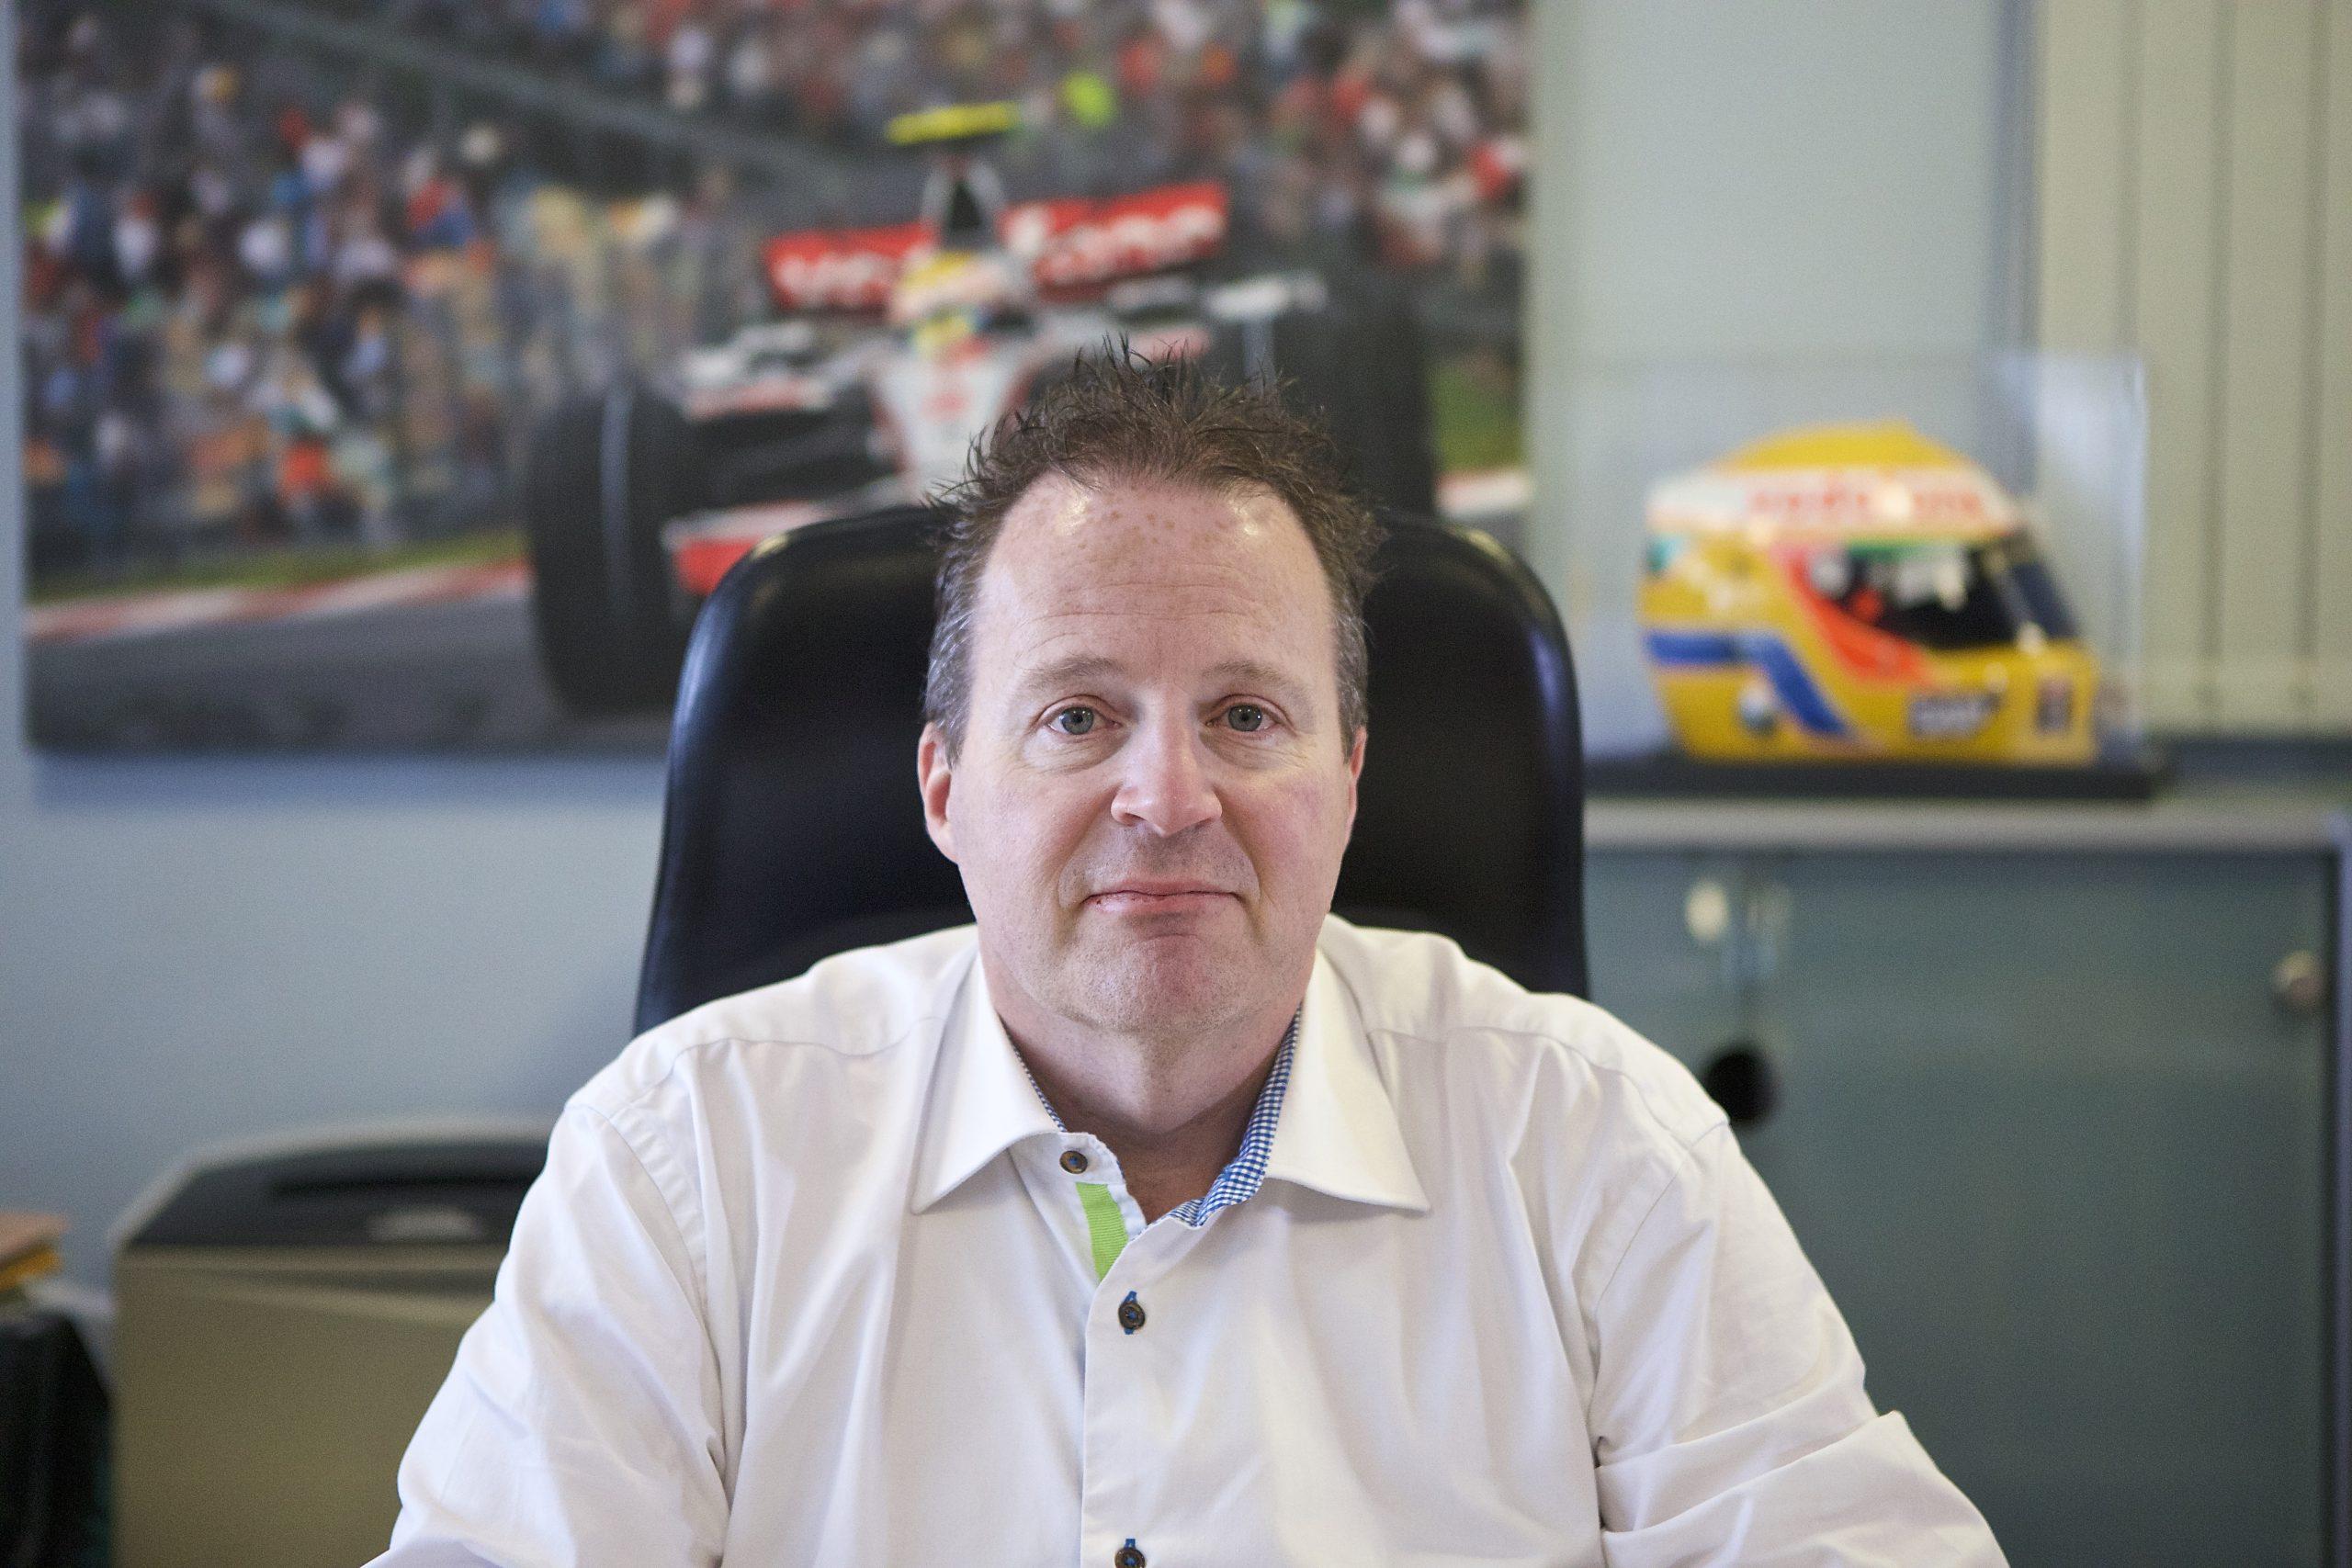 Stuart Terris